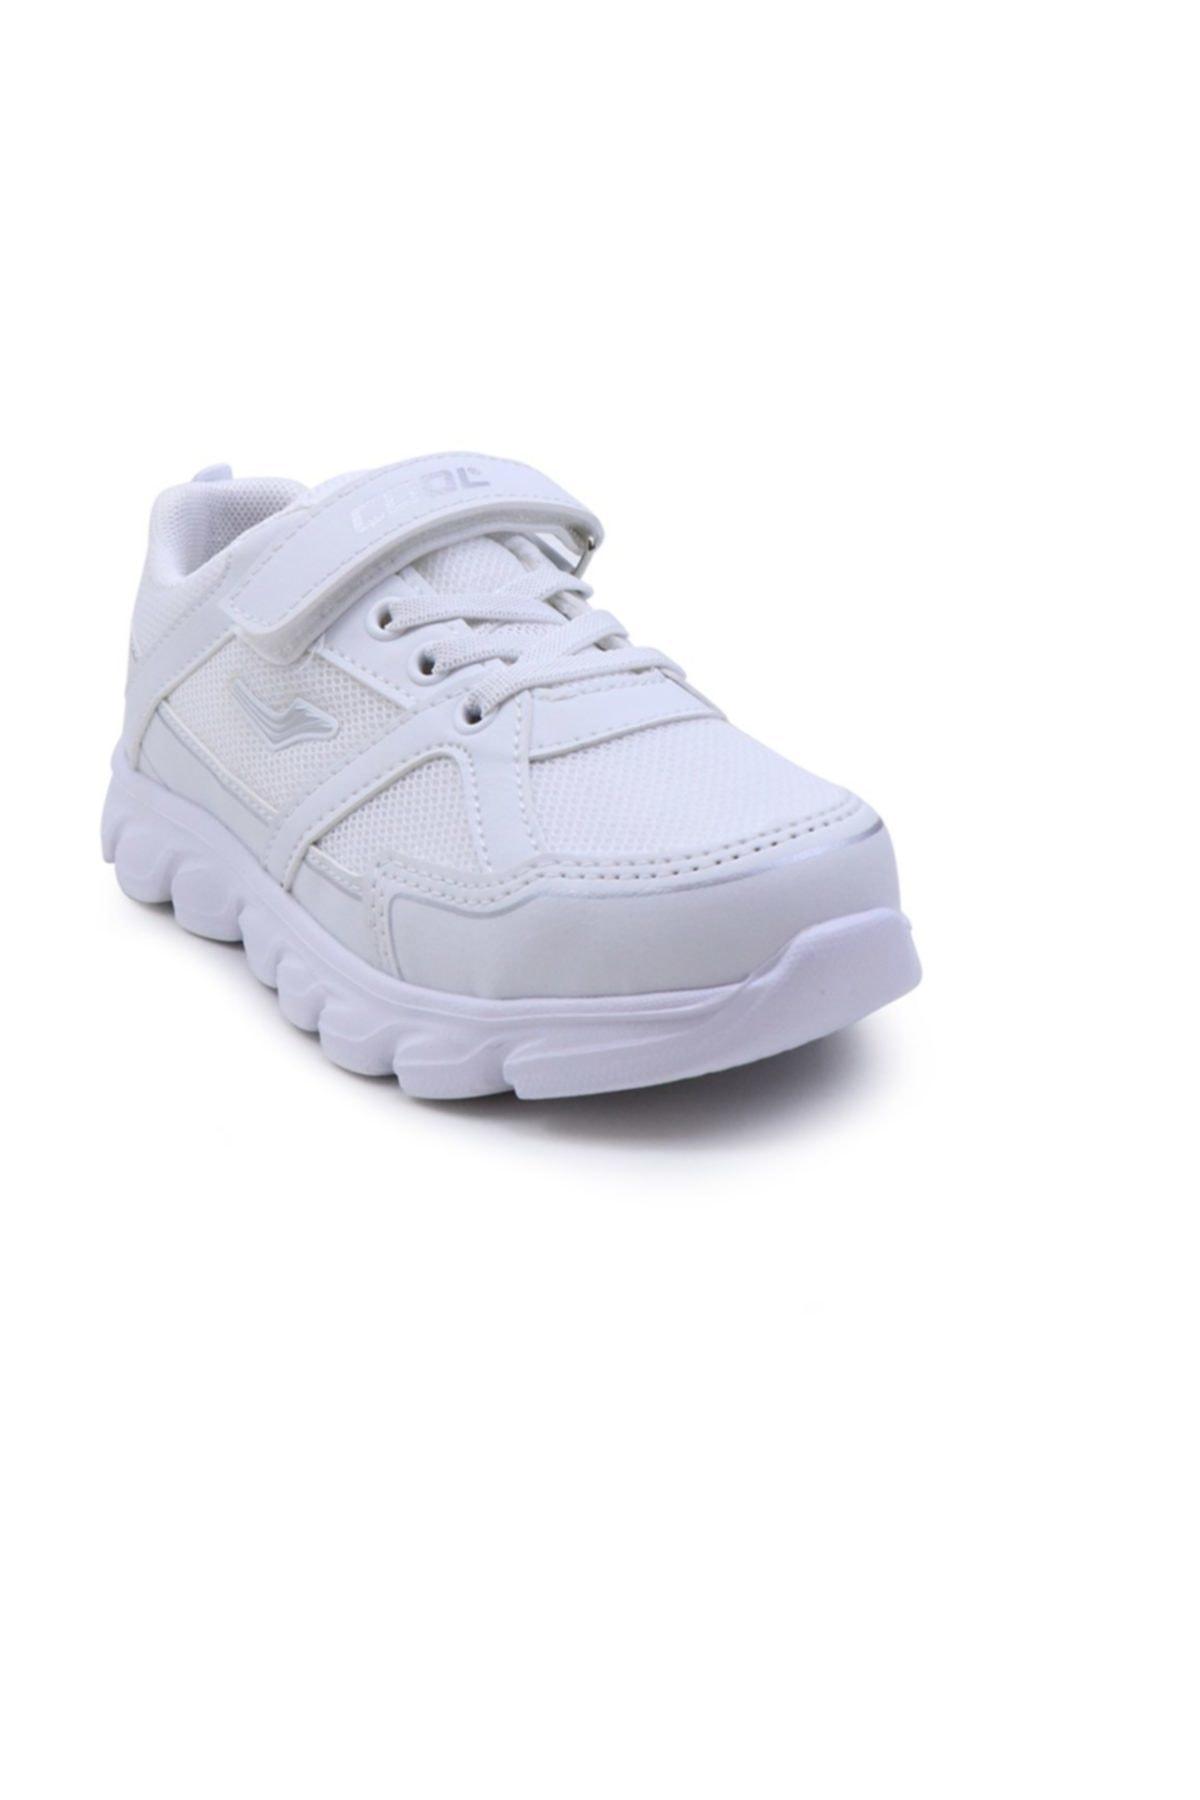 ARSLAN ICOOL Çocuk Spor Ayakkabı 2